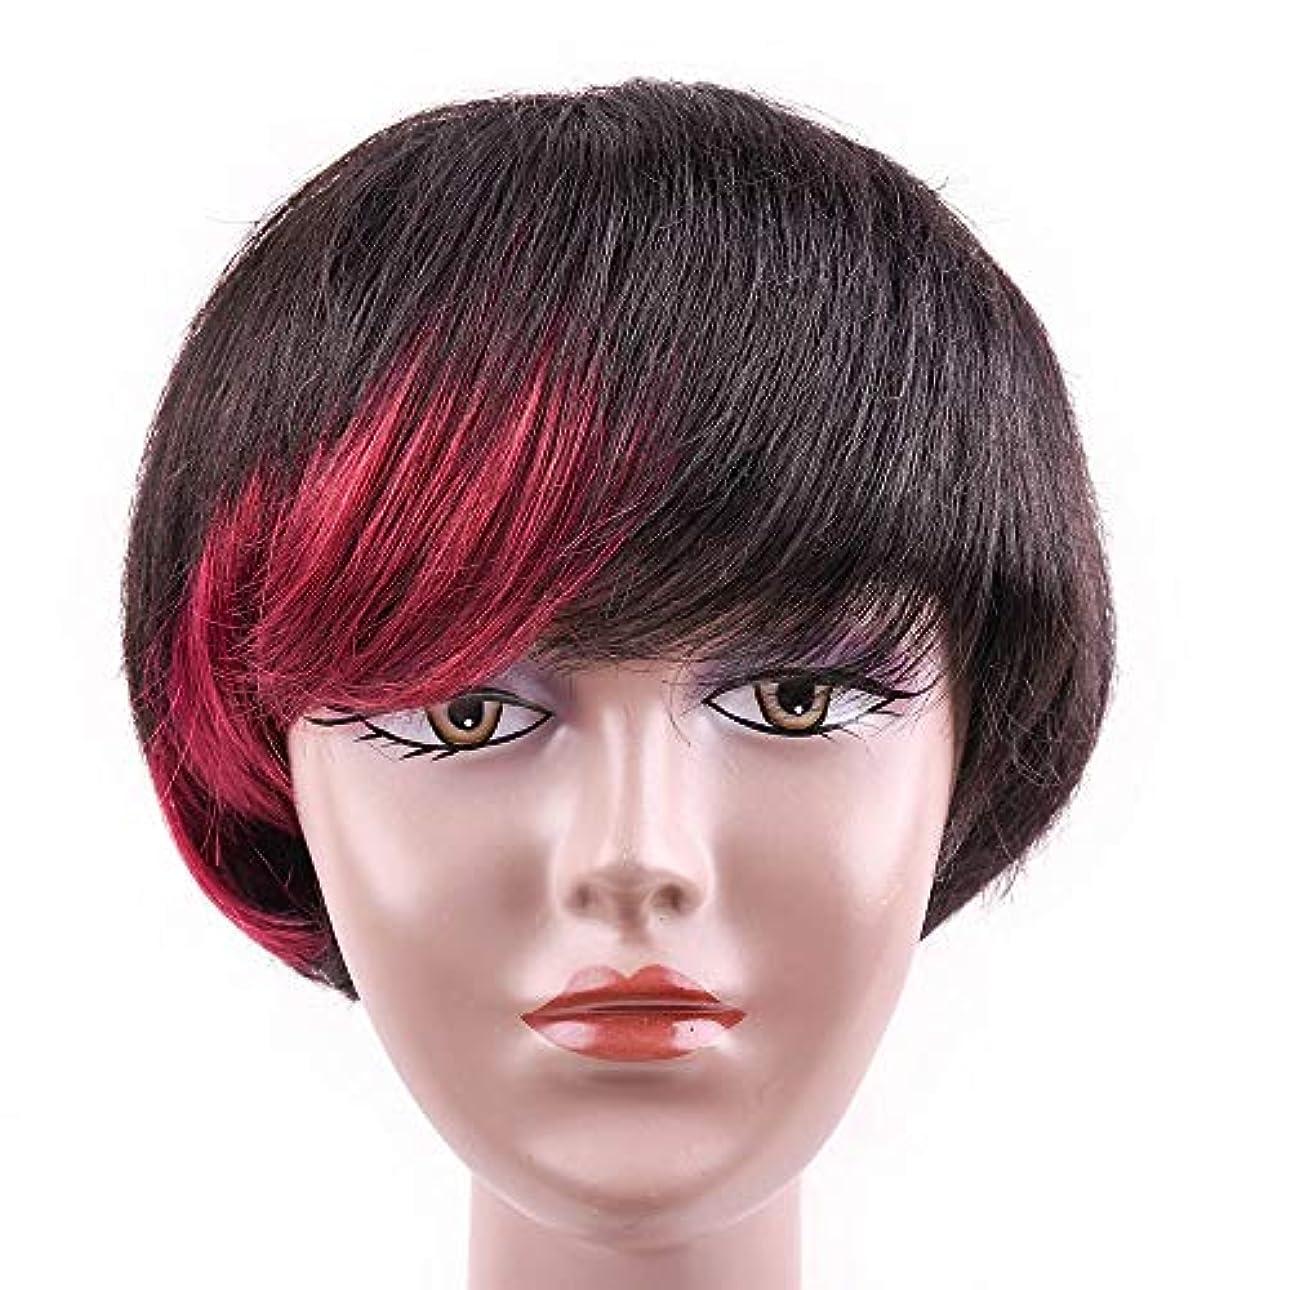 害虫光電副詞YOUQIU 女性6インチブラックレッドカラーのウィッグを強調するために、100%人毛ショートボブウィッグ (色 : 黒, サイズ : 6 inch)